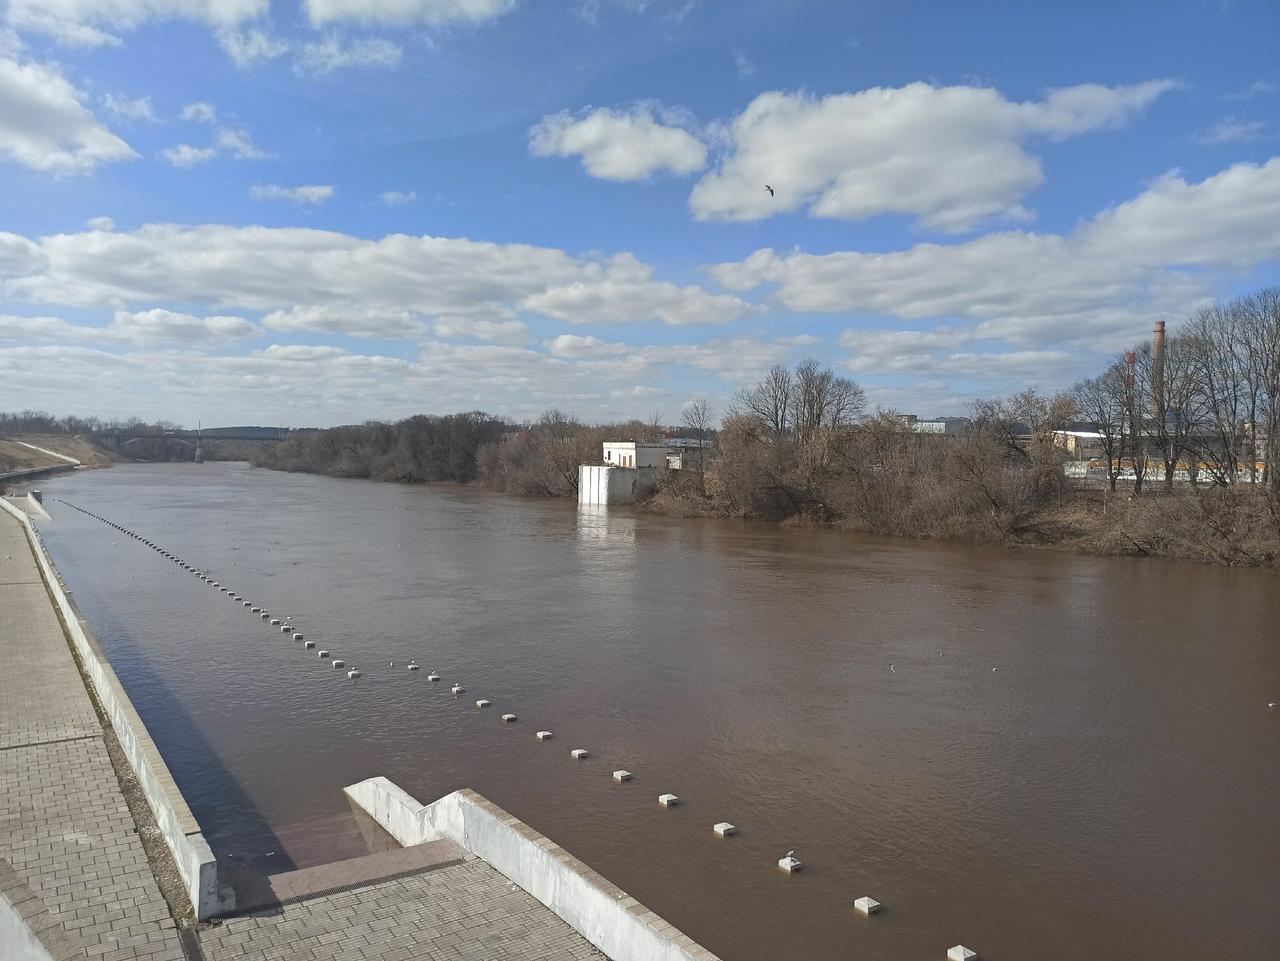 Мы ее теряем: В Смоленске набережную затопило еще сильнее из-за днепровского паводка